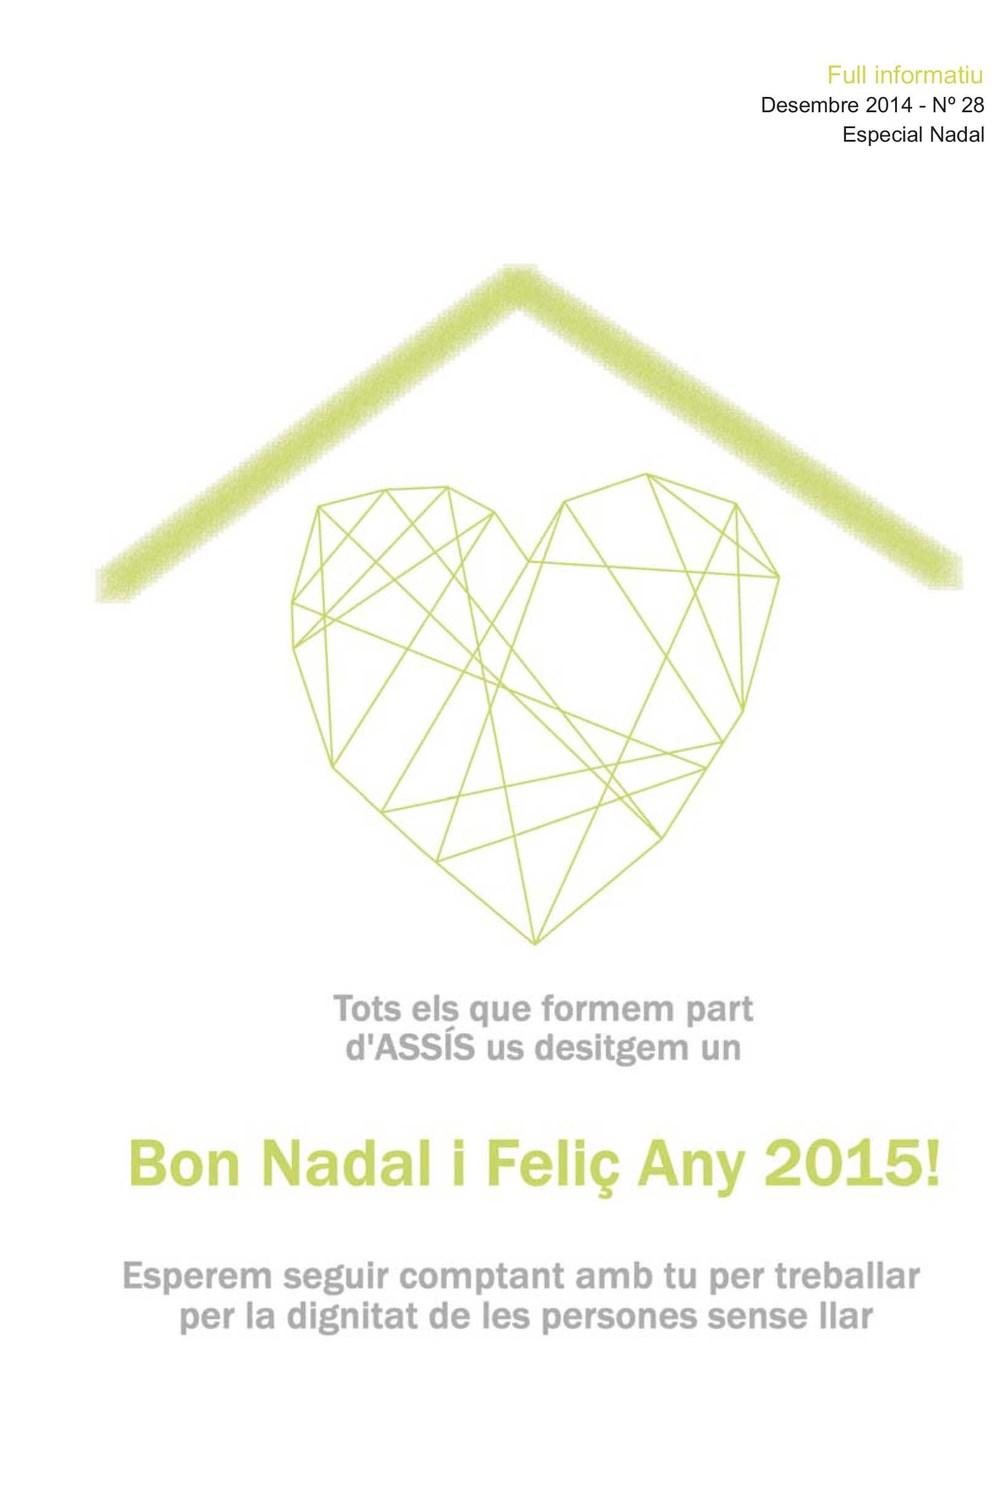 Full informatiu 28 Nadal 2014